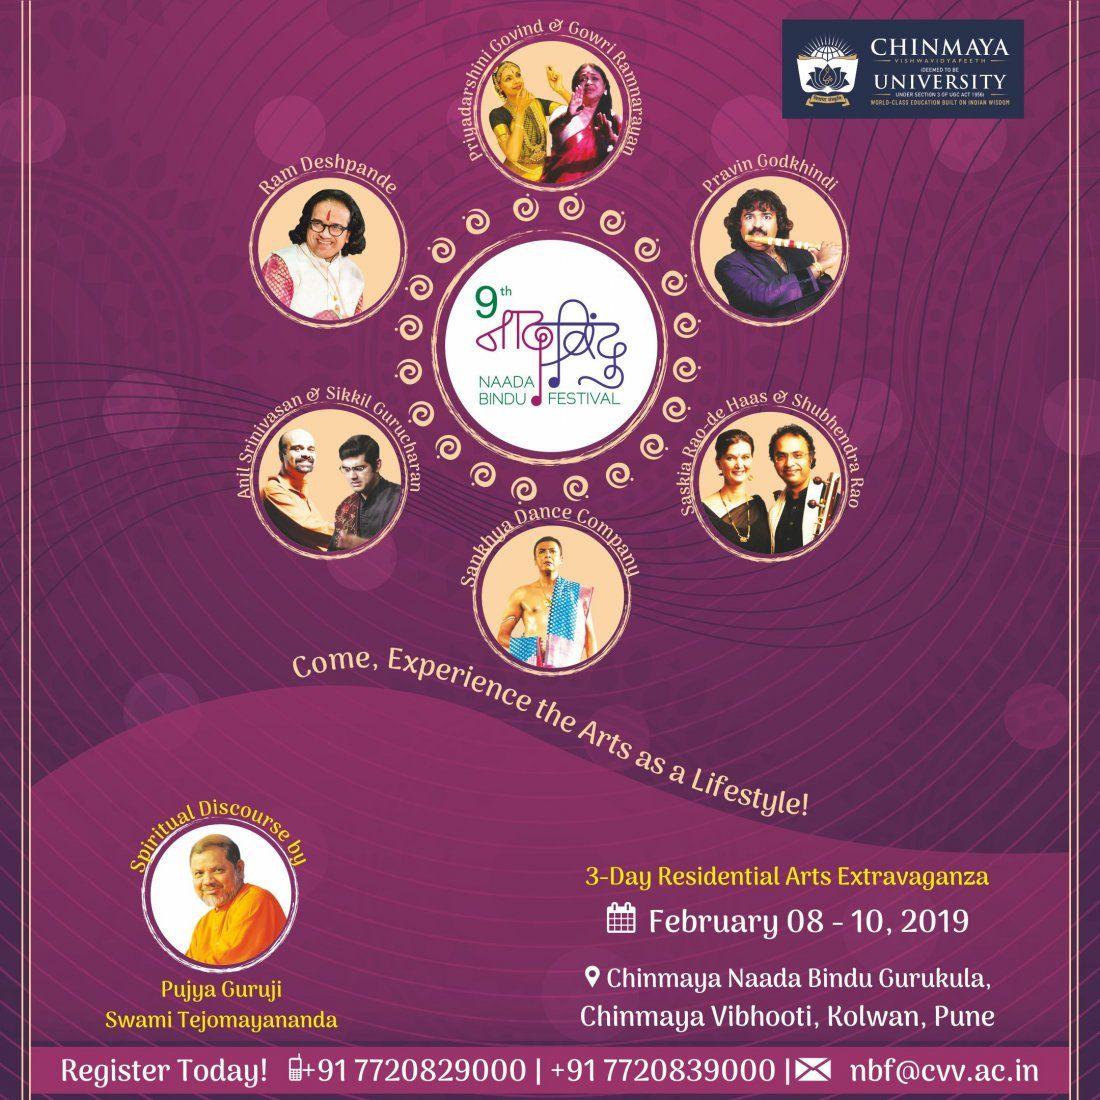 9th Naada Bindu Festival - Chinmaya Vishwavidyapeeth